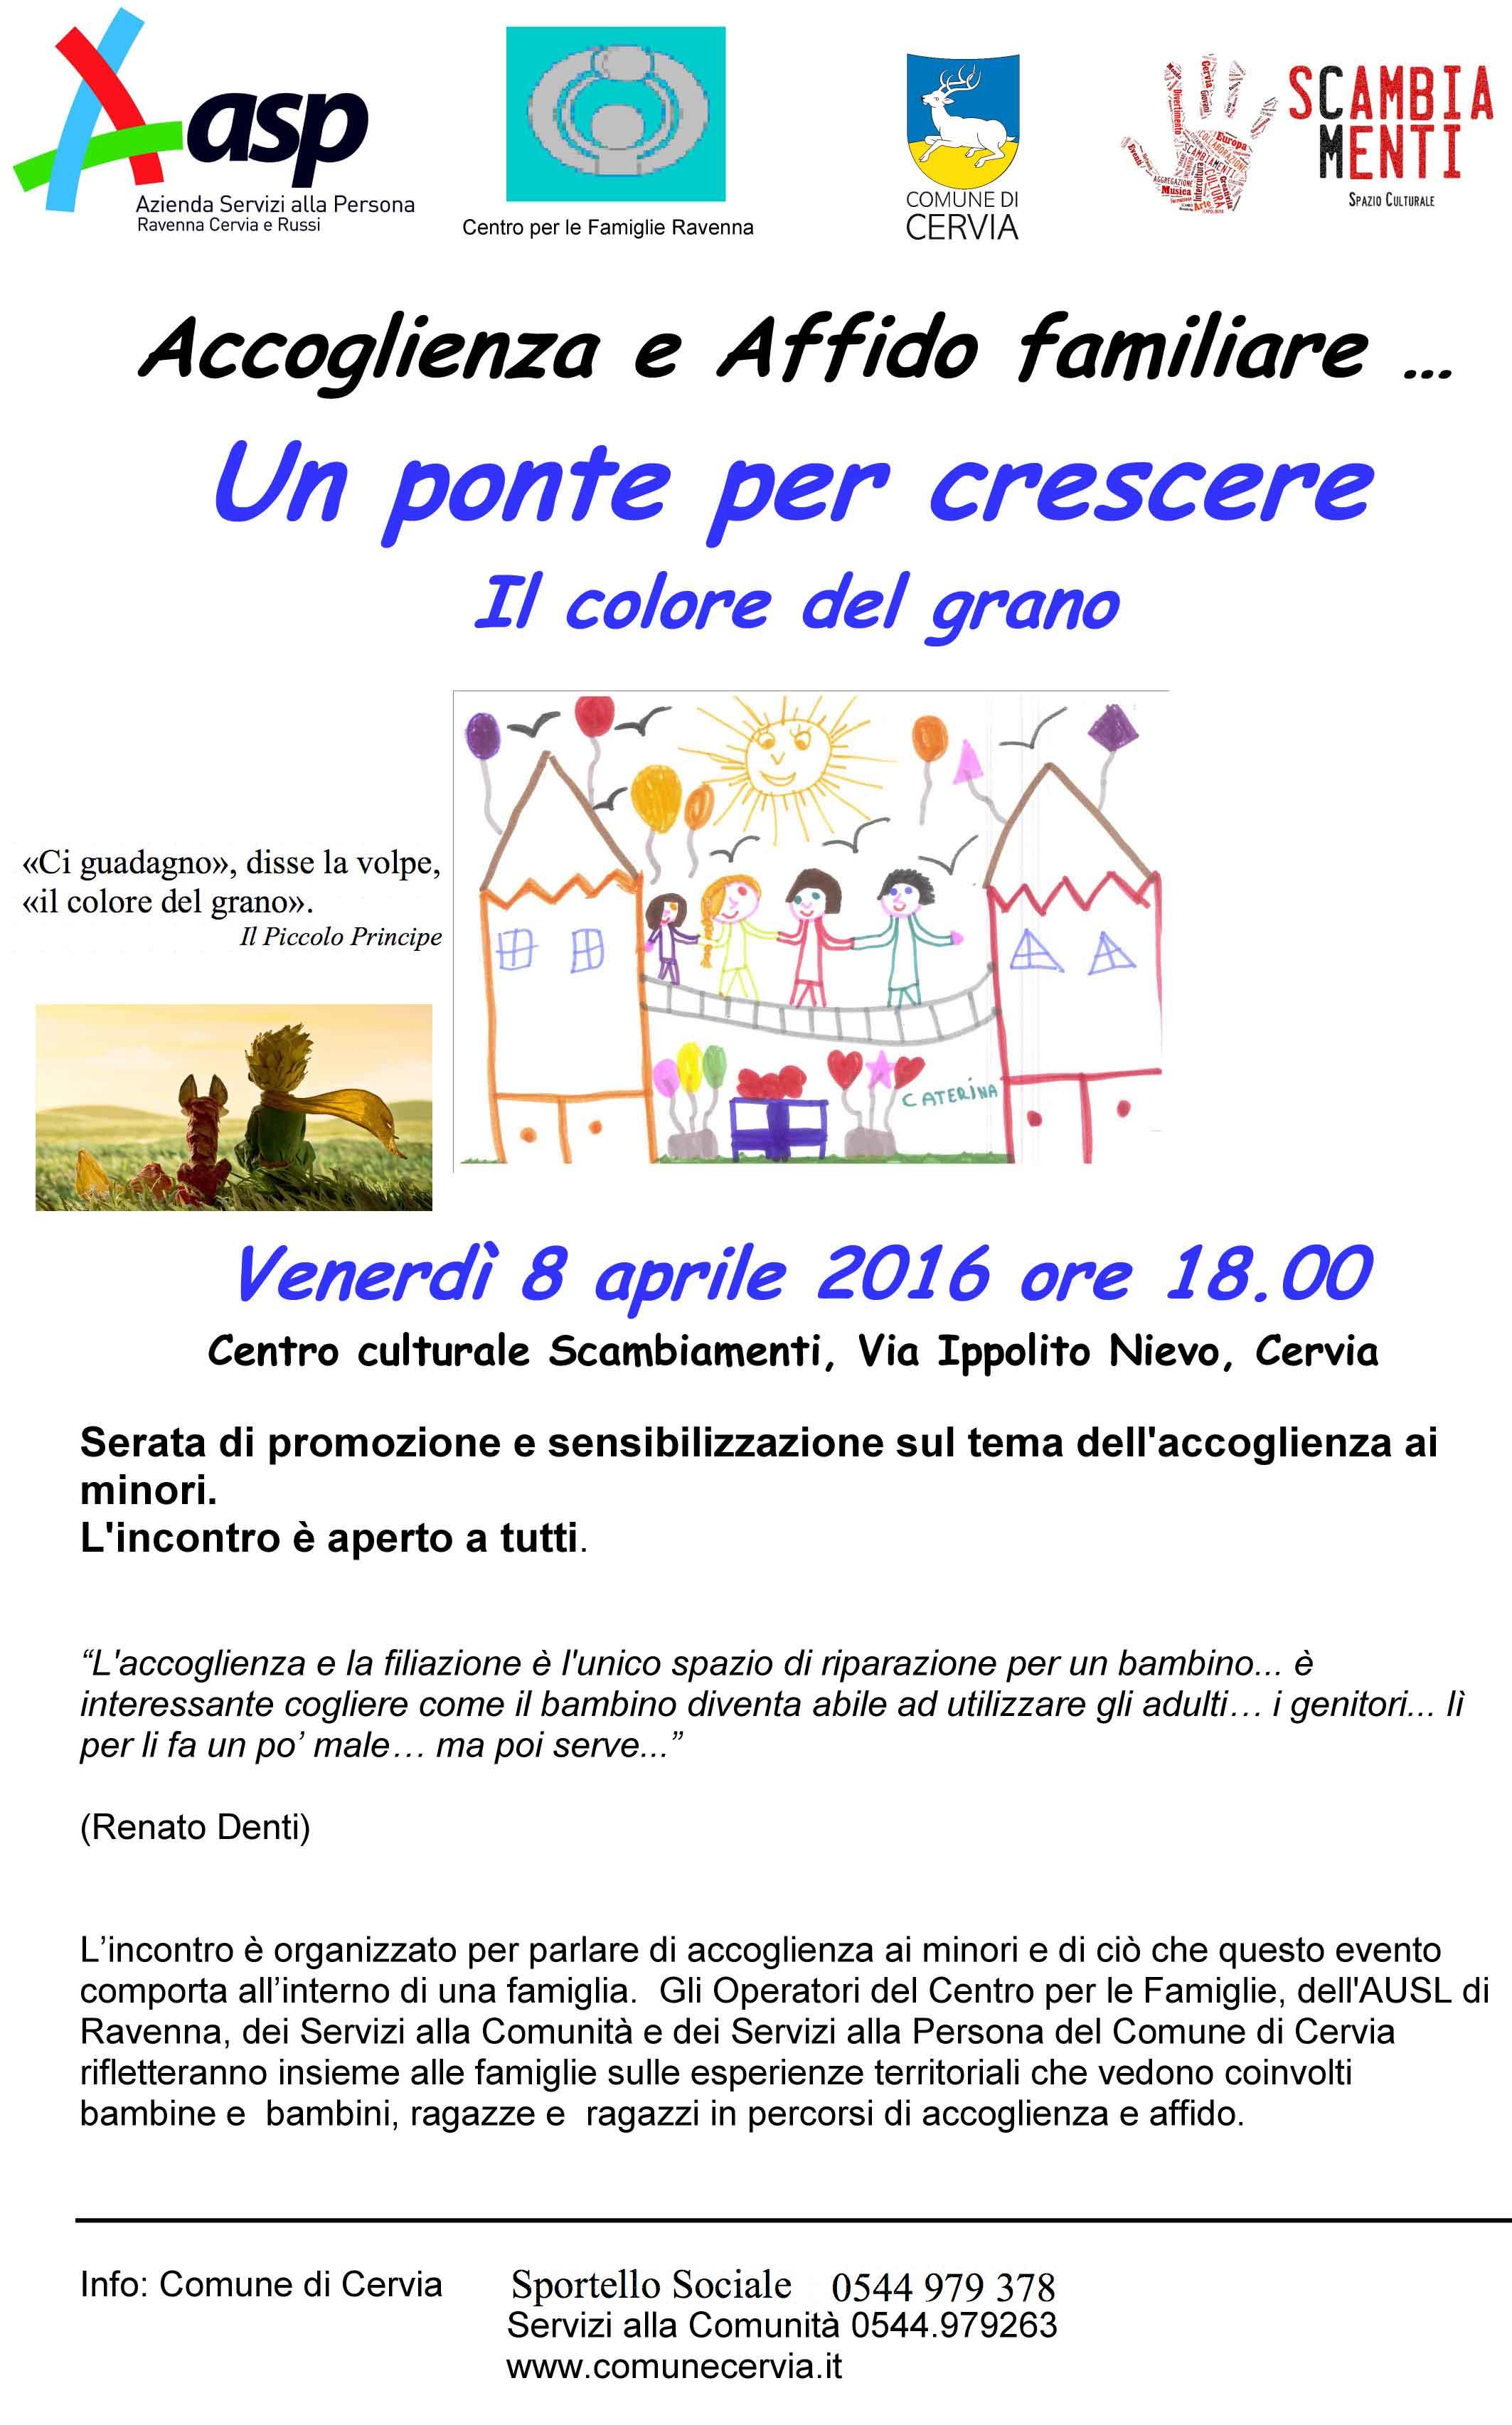 Un ponte per crescere - serata di promozione e sensibilizzazione sul tema dell'accoglienza ai minori